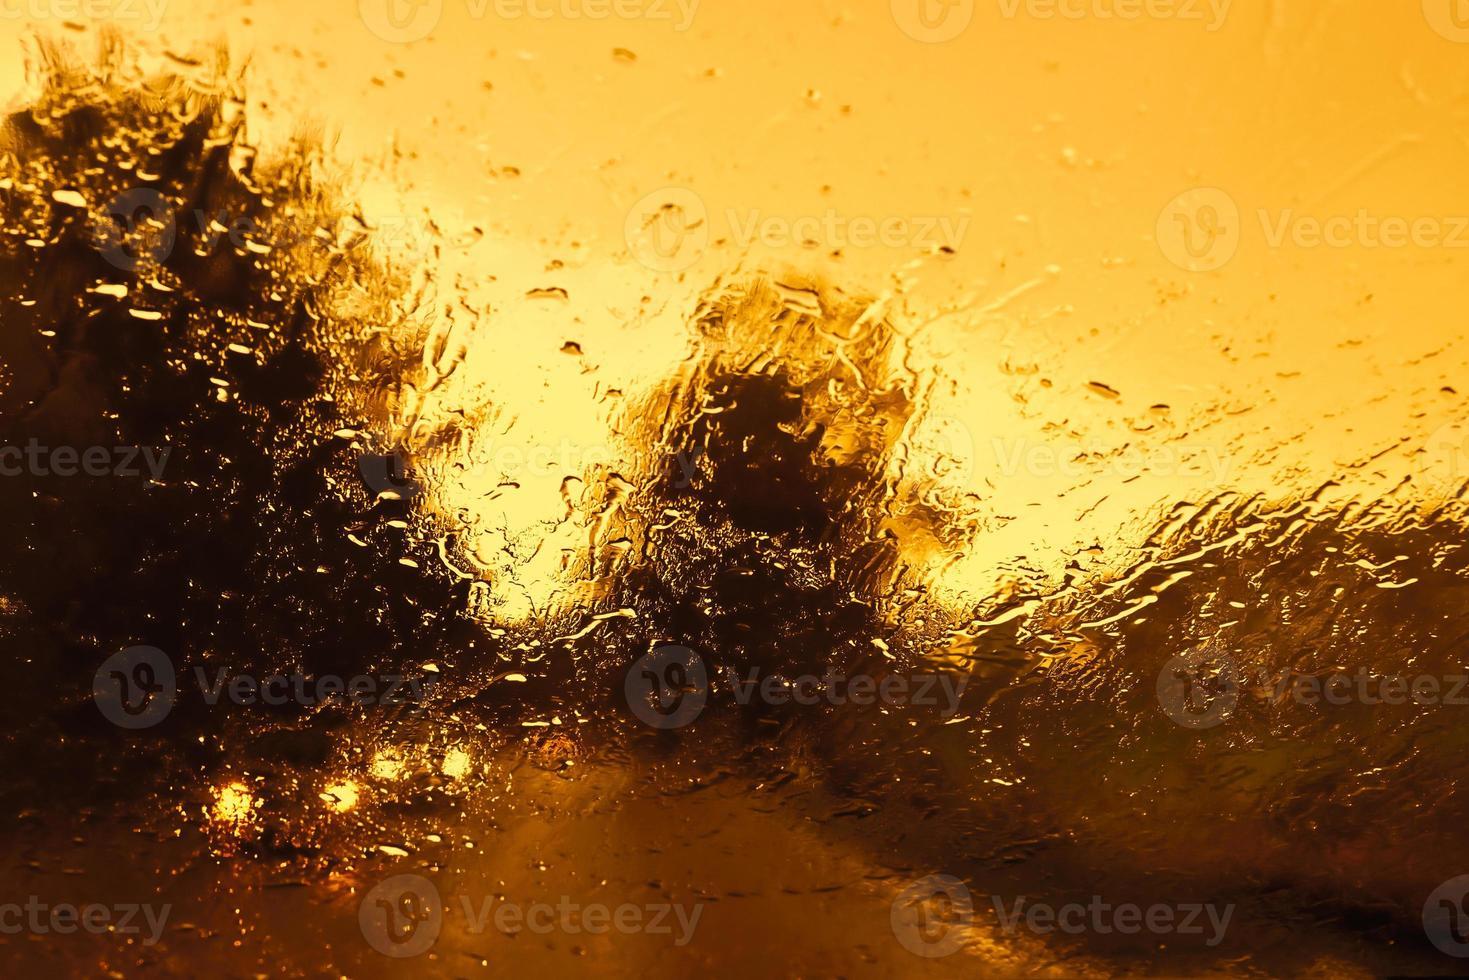 dåligt väderkörning foto